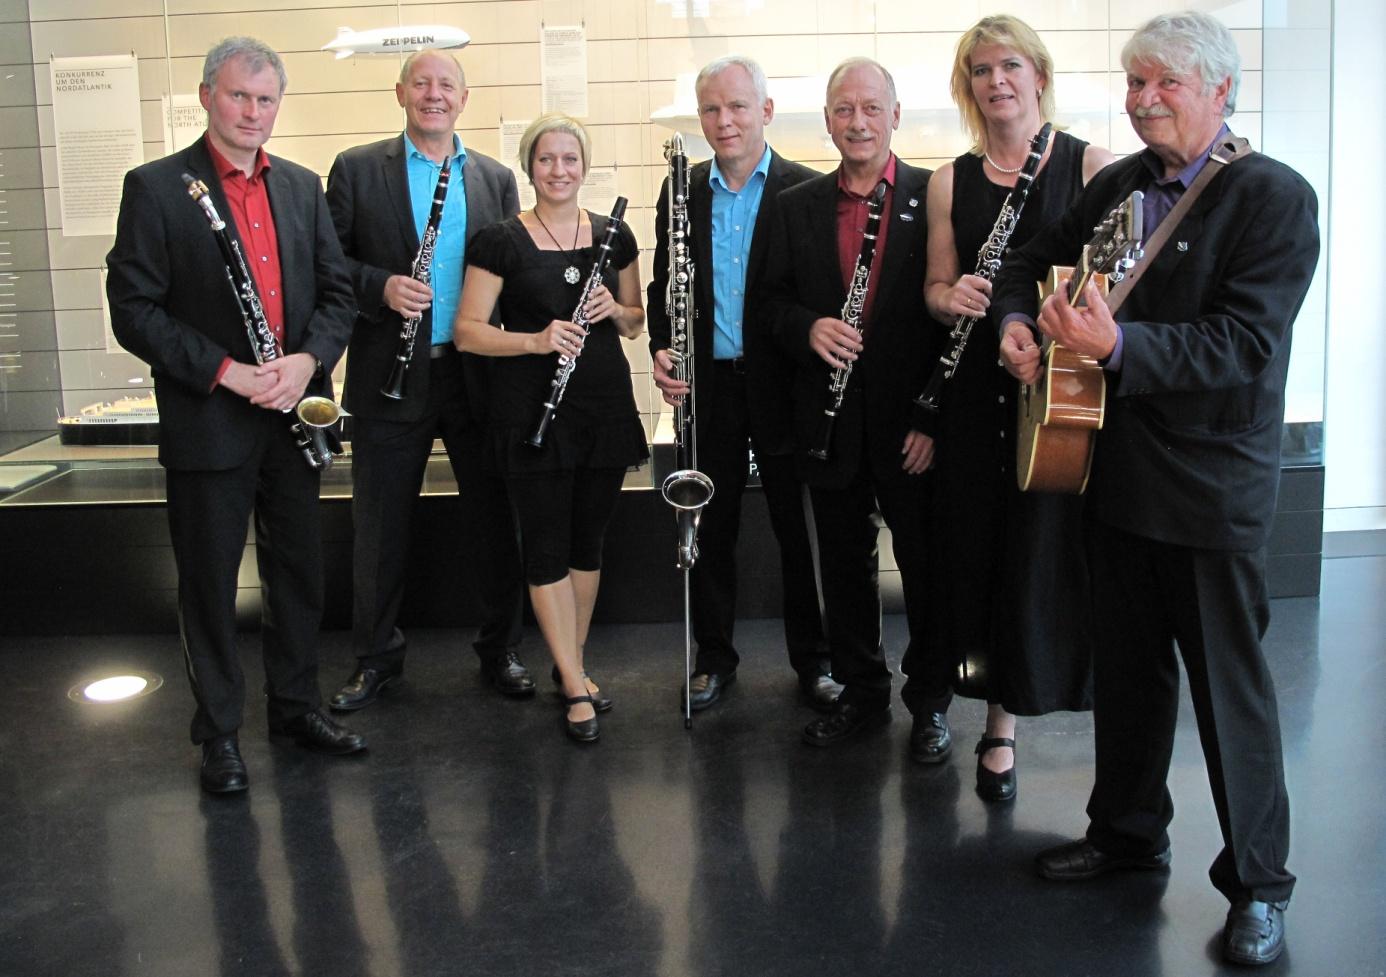 Neujahreskonzert mit dem Zeppelin-Ensemble im Gleis 1 in Meckenbeuren